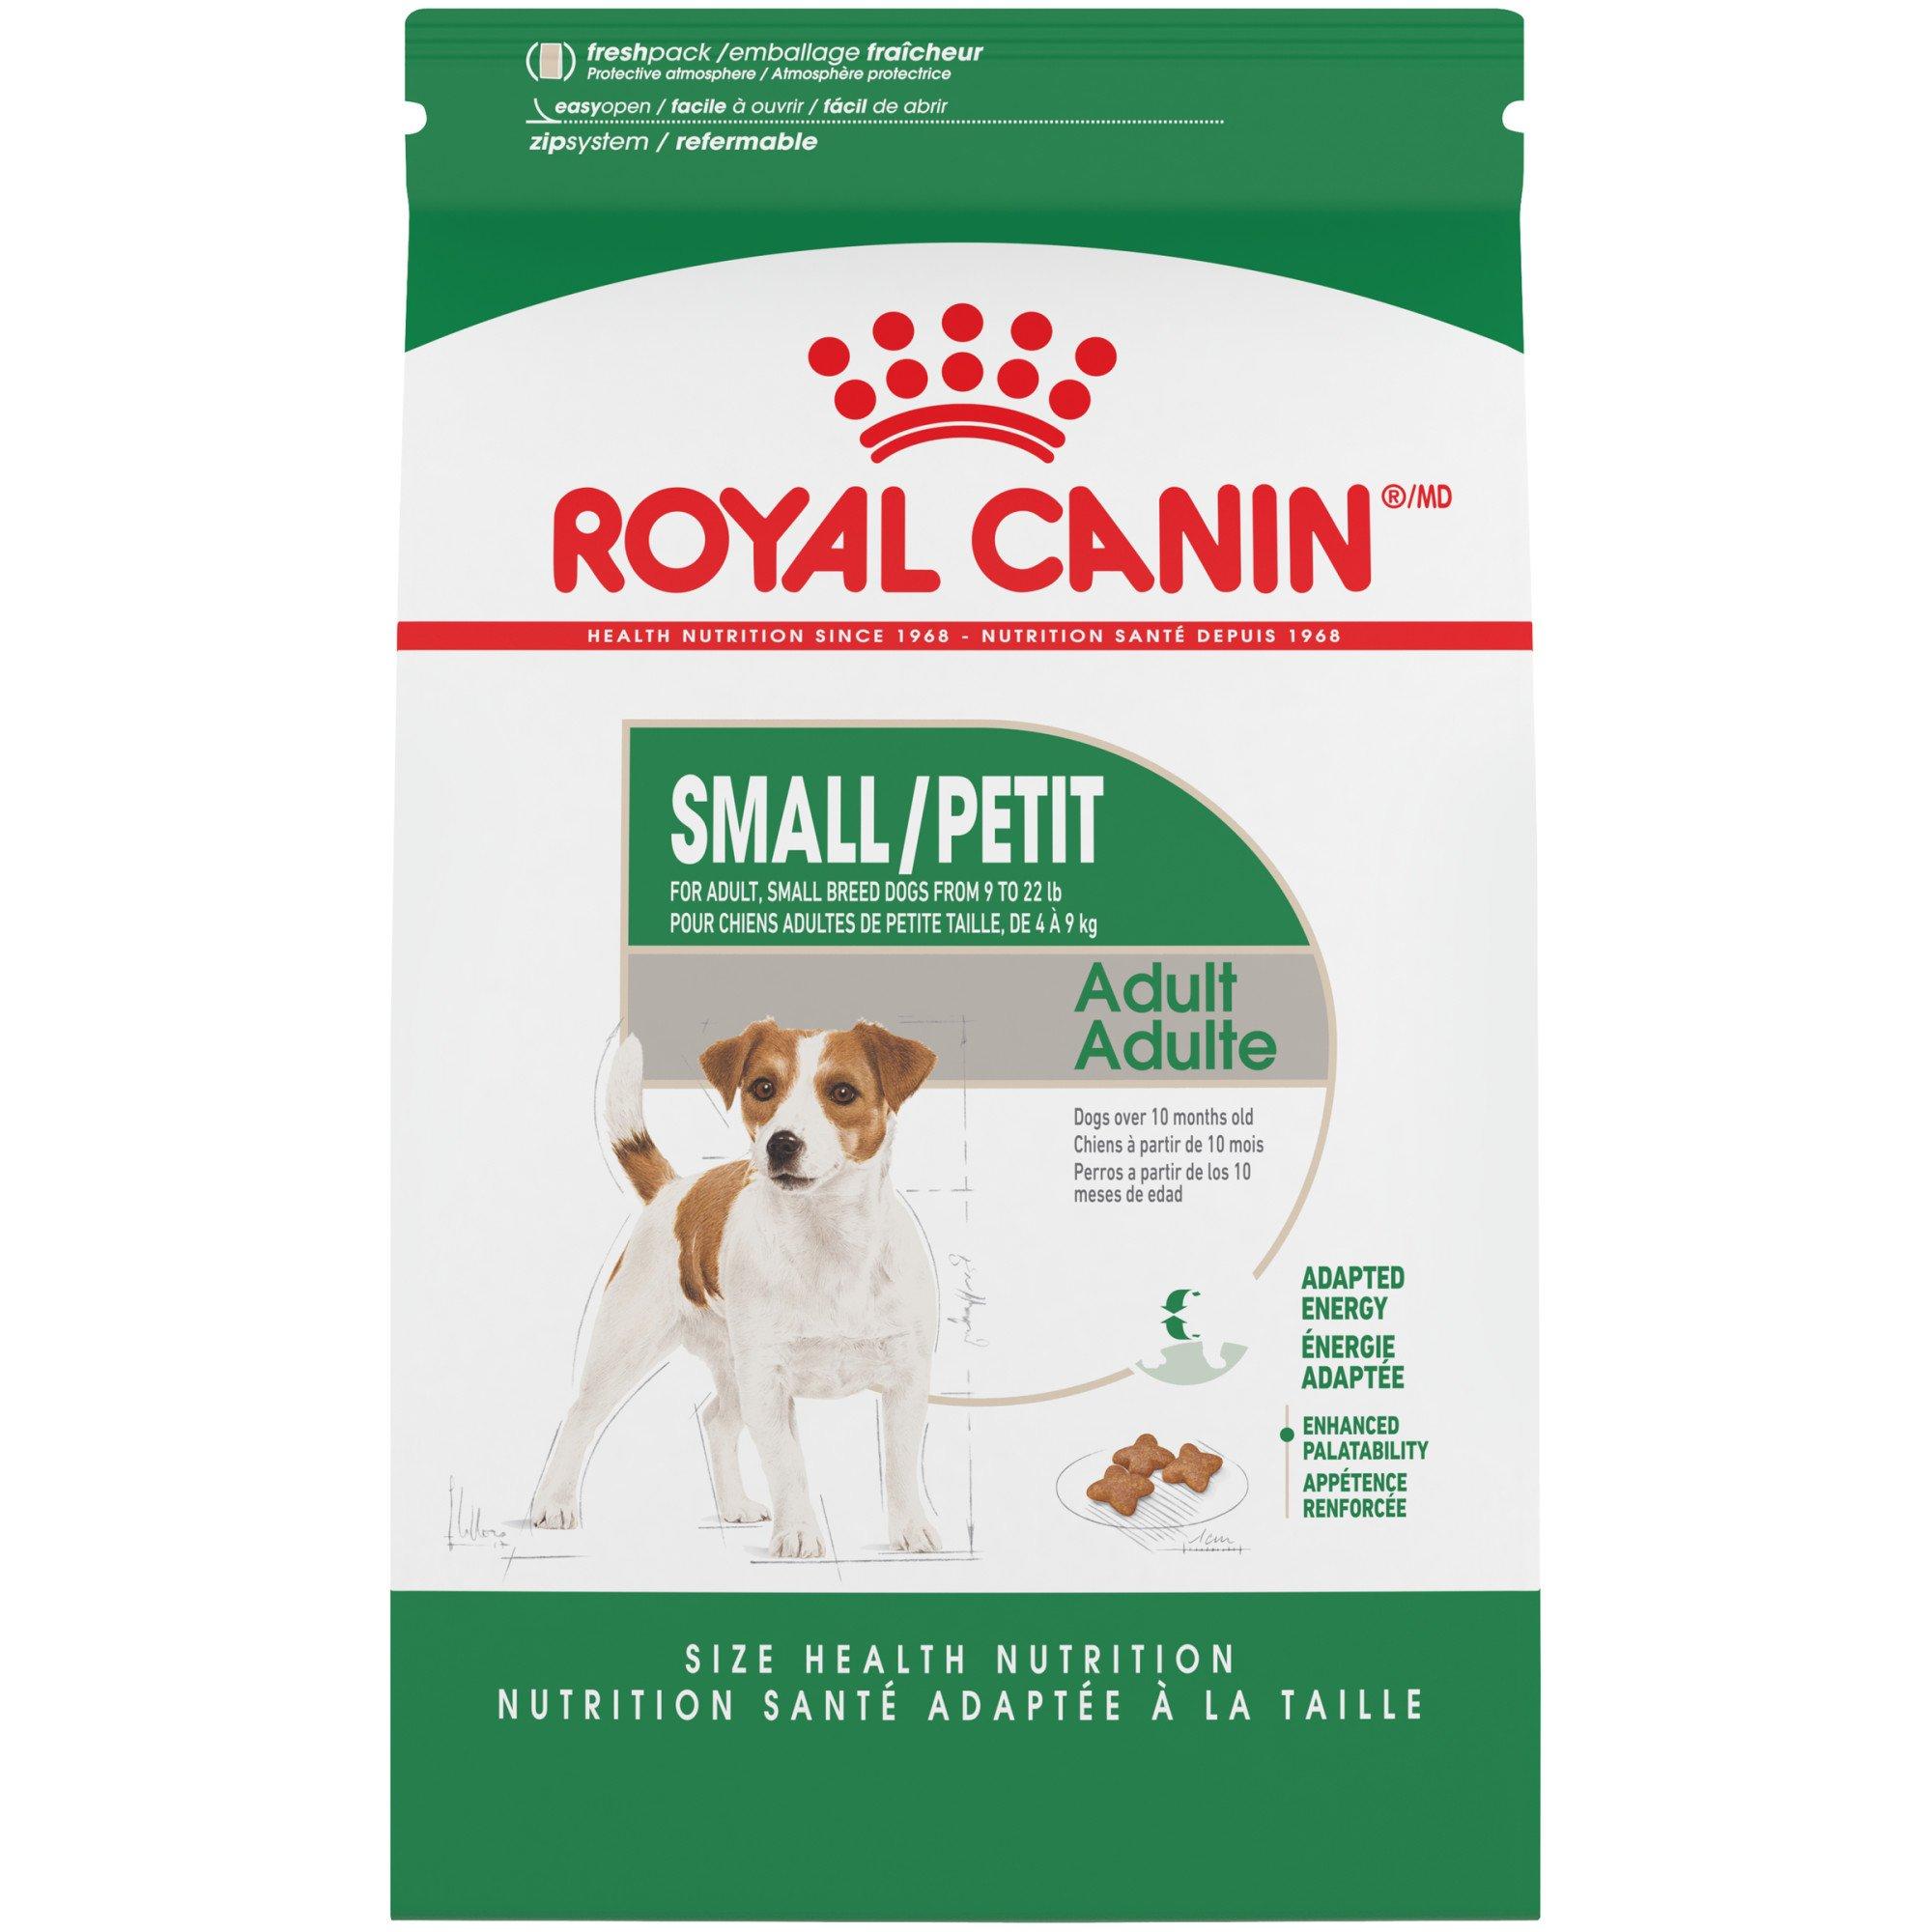 Buy Royal Canin Dog Food Uk